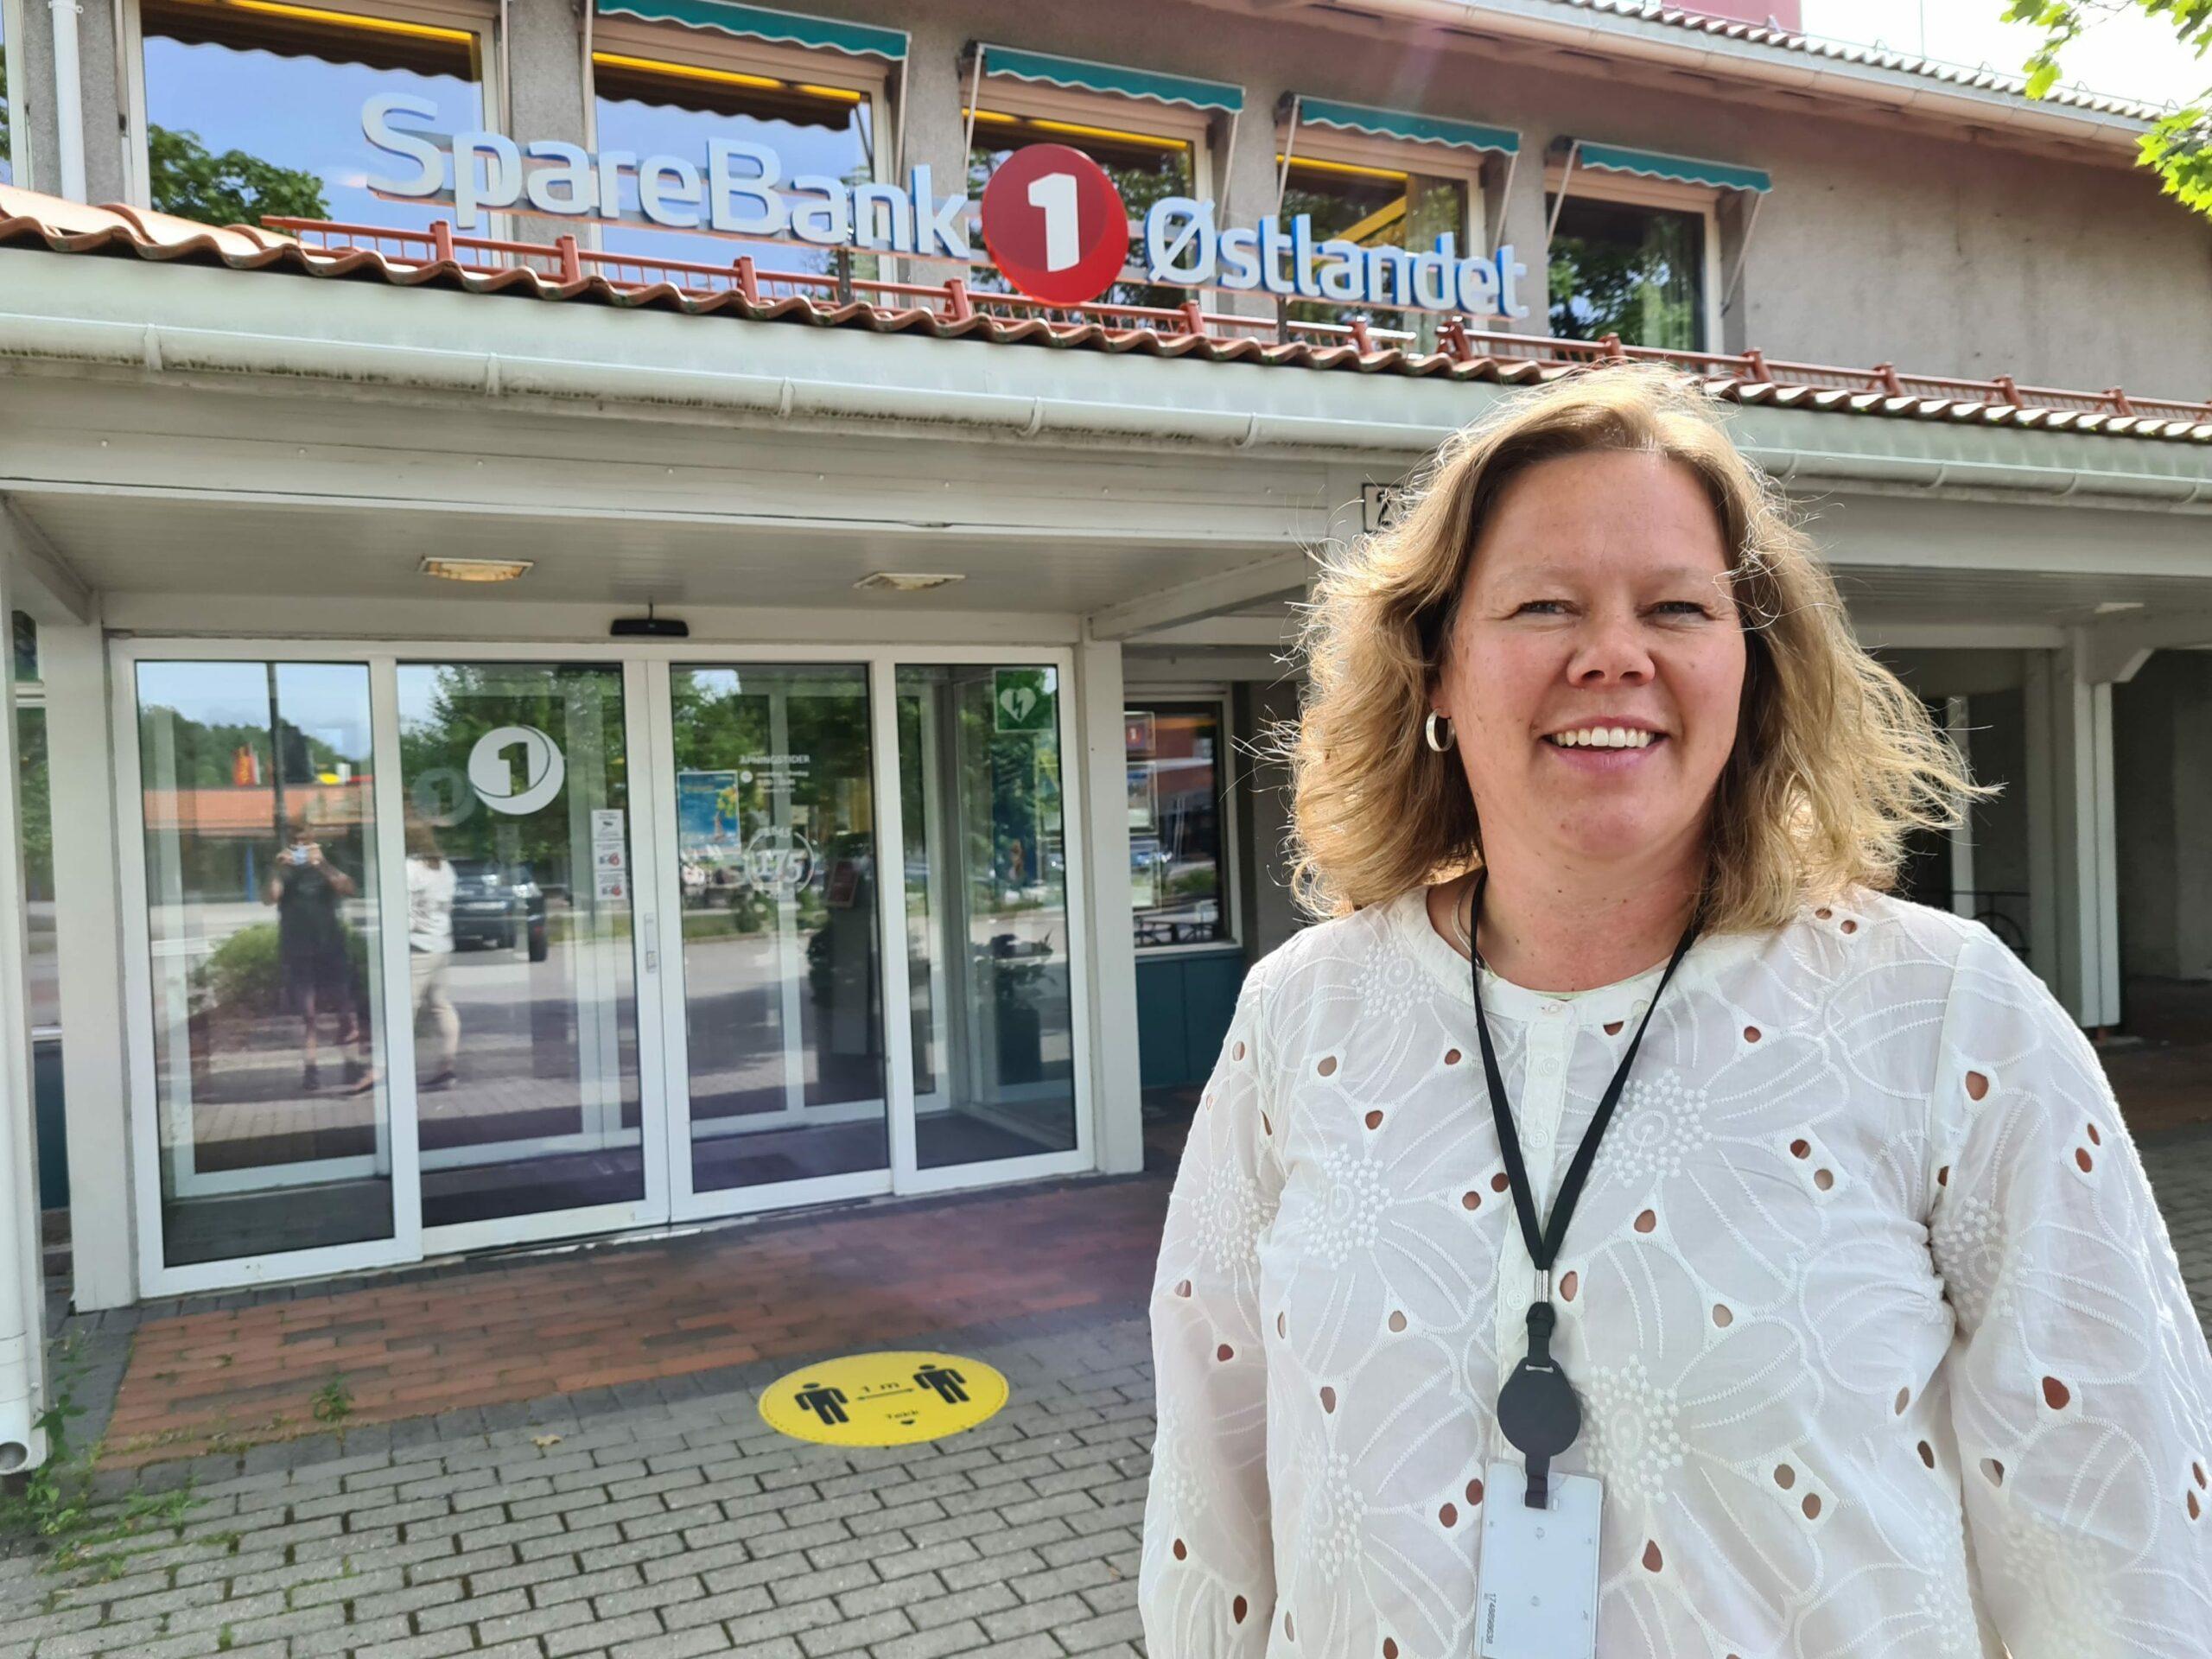 NY BANKSJEF: Annica Sørlundsengen fra Våler er ny banksjef i Solør hos Sparebank1 Østlandet. Hun overtar jobben etter Iver Helstad som nå er pensjonist. Annica startet i jobben 1. juli.